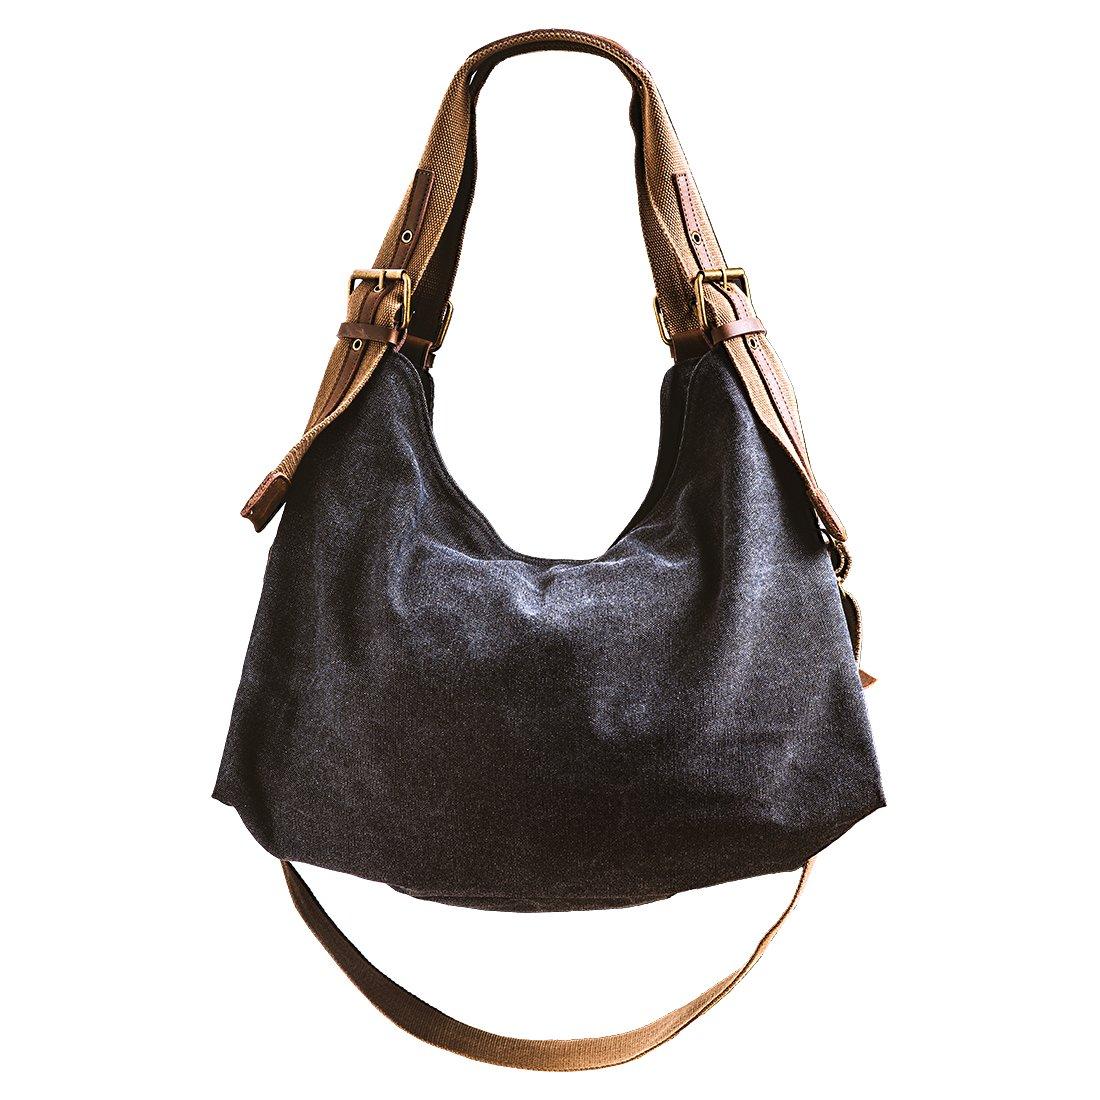 Buy DelleVEGA Women Canvas Shoulder Bag Ladies Casual Handbags Daily Purse  Top Handle Tote Shopper Handbag Online at Low Prices in India - Amazon.in 5357aeb0876a0